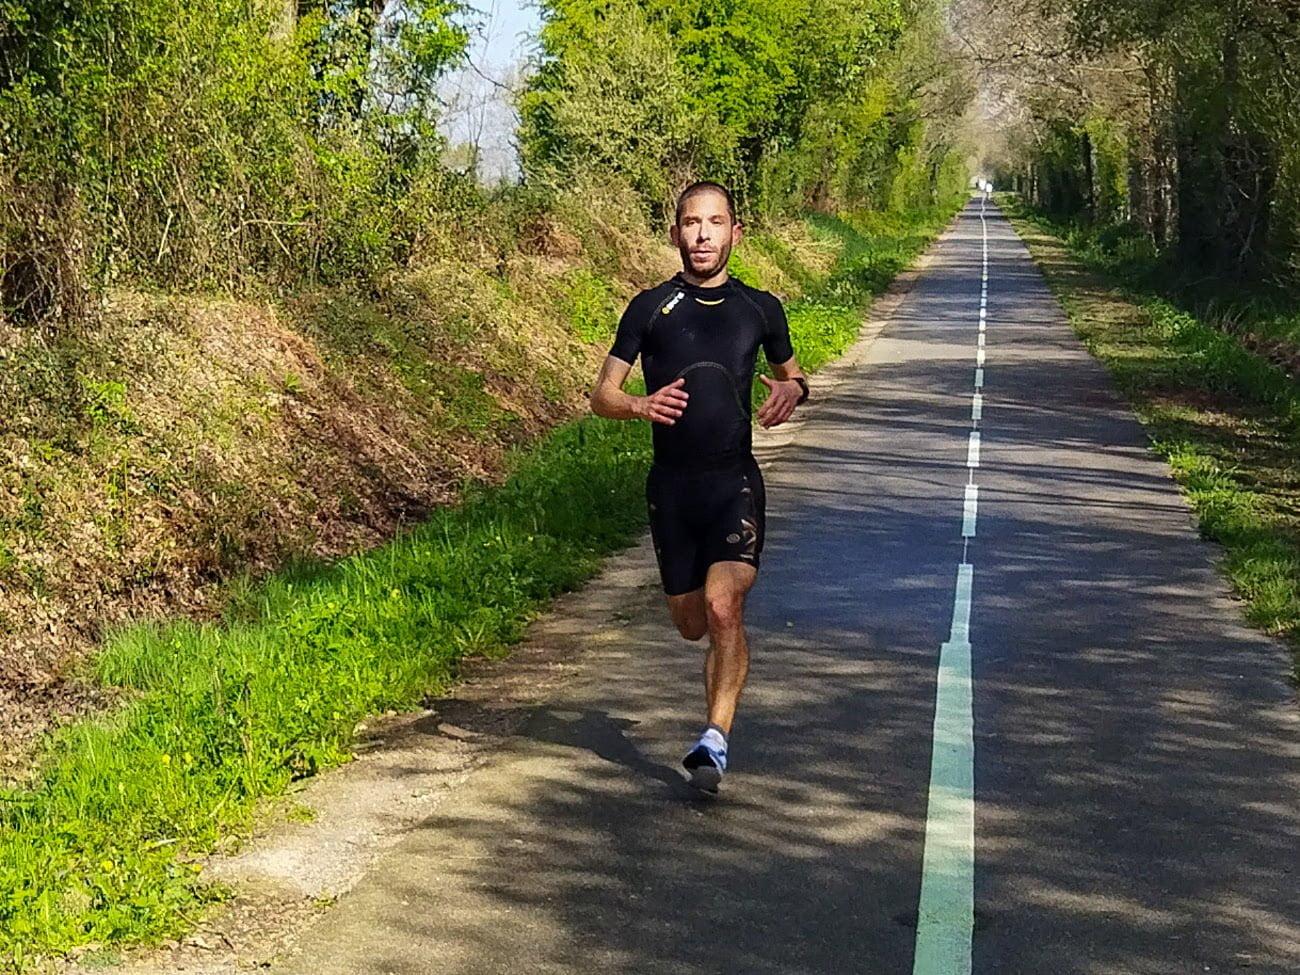 361° running